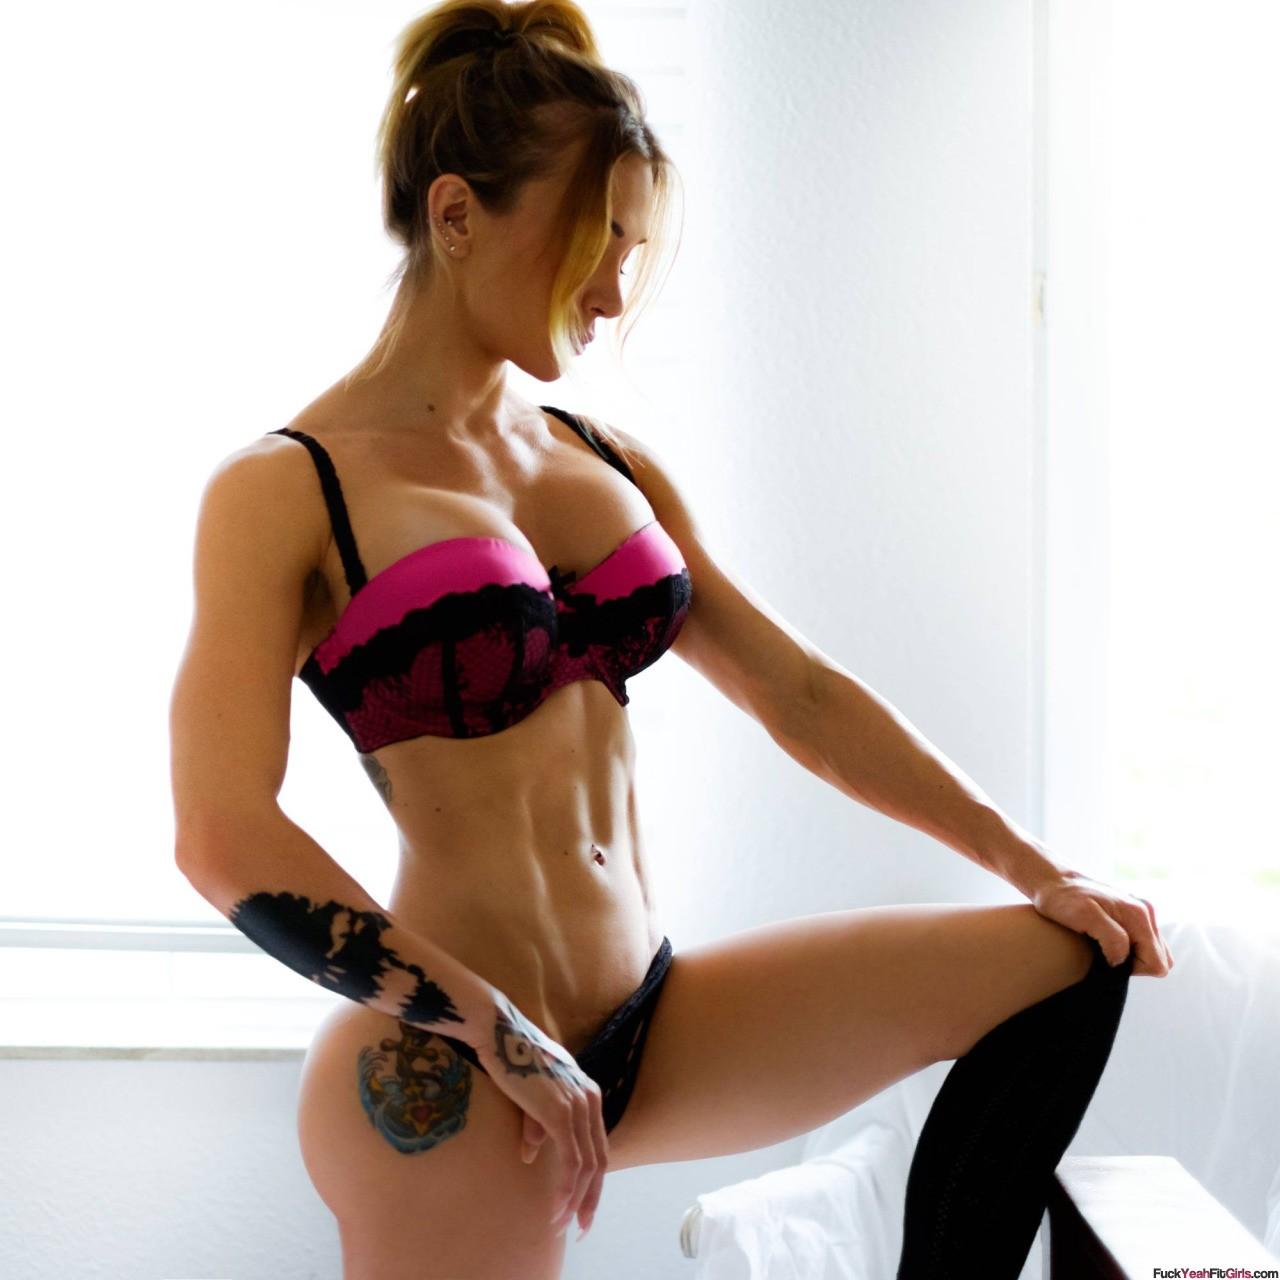 Nackt bild ritzke cornelia Sex on